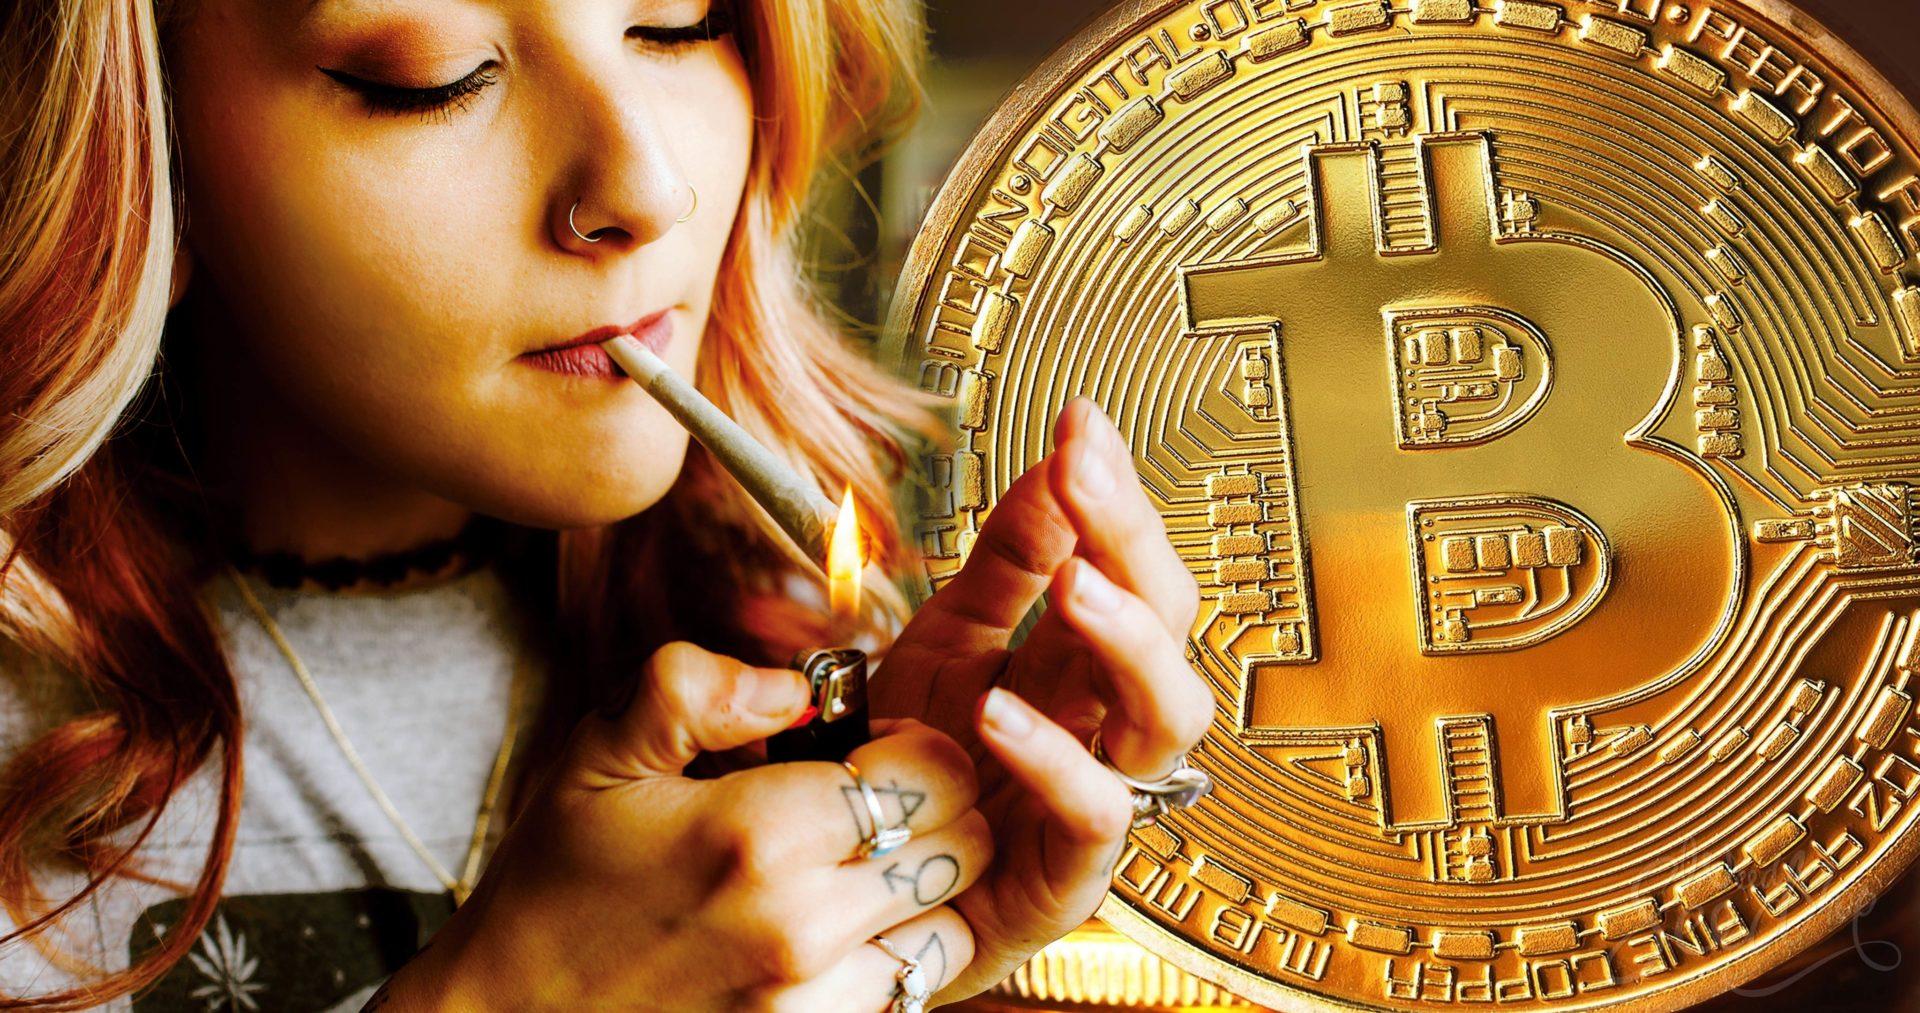 Le cannabis et la crypto-monnaie : des bitcoins contre de la weed ?